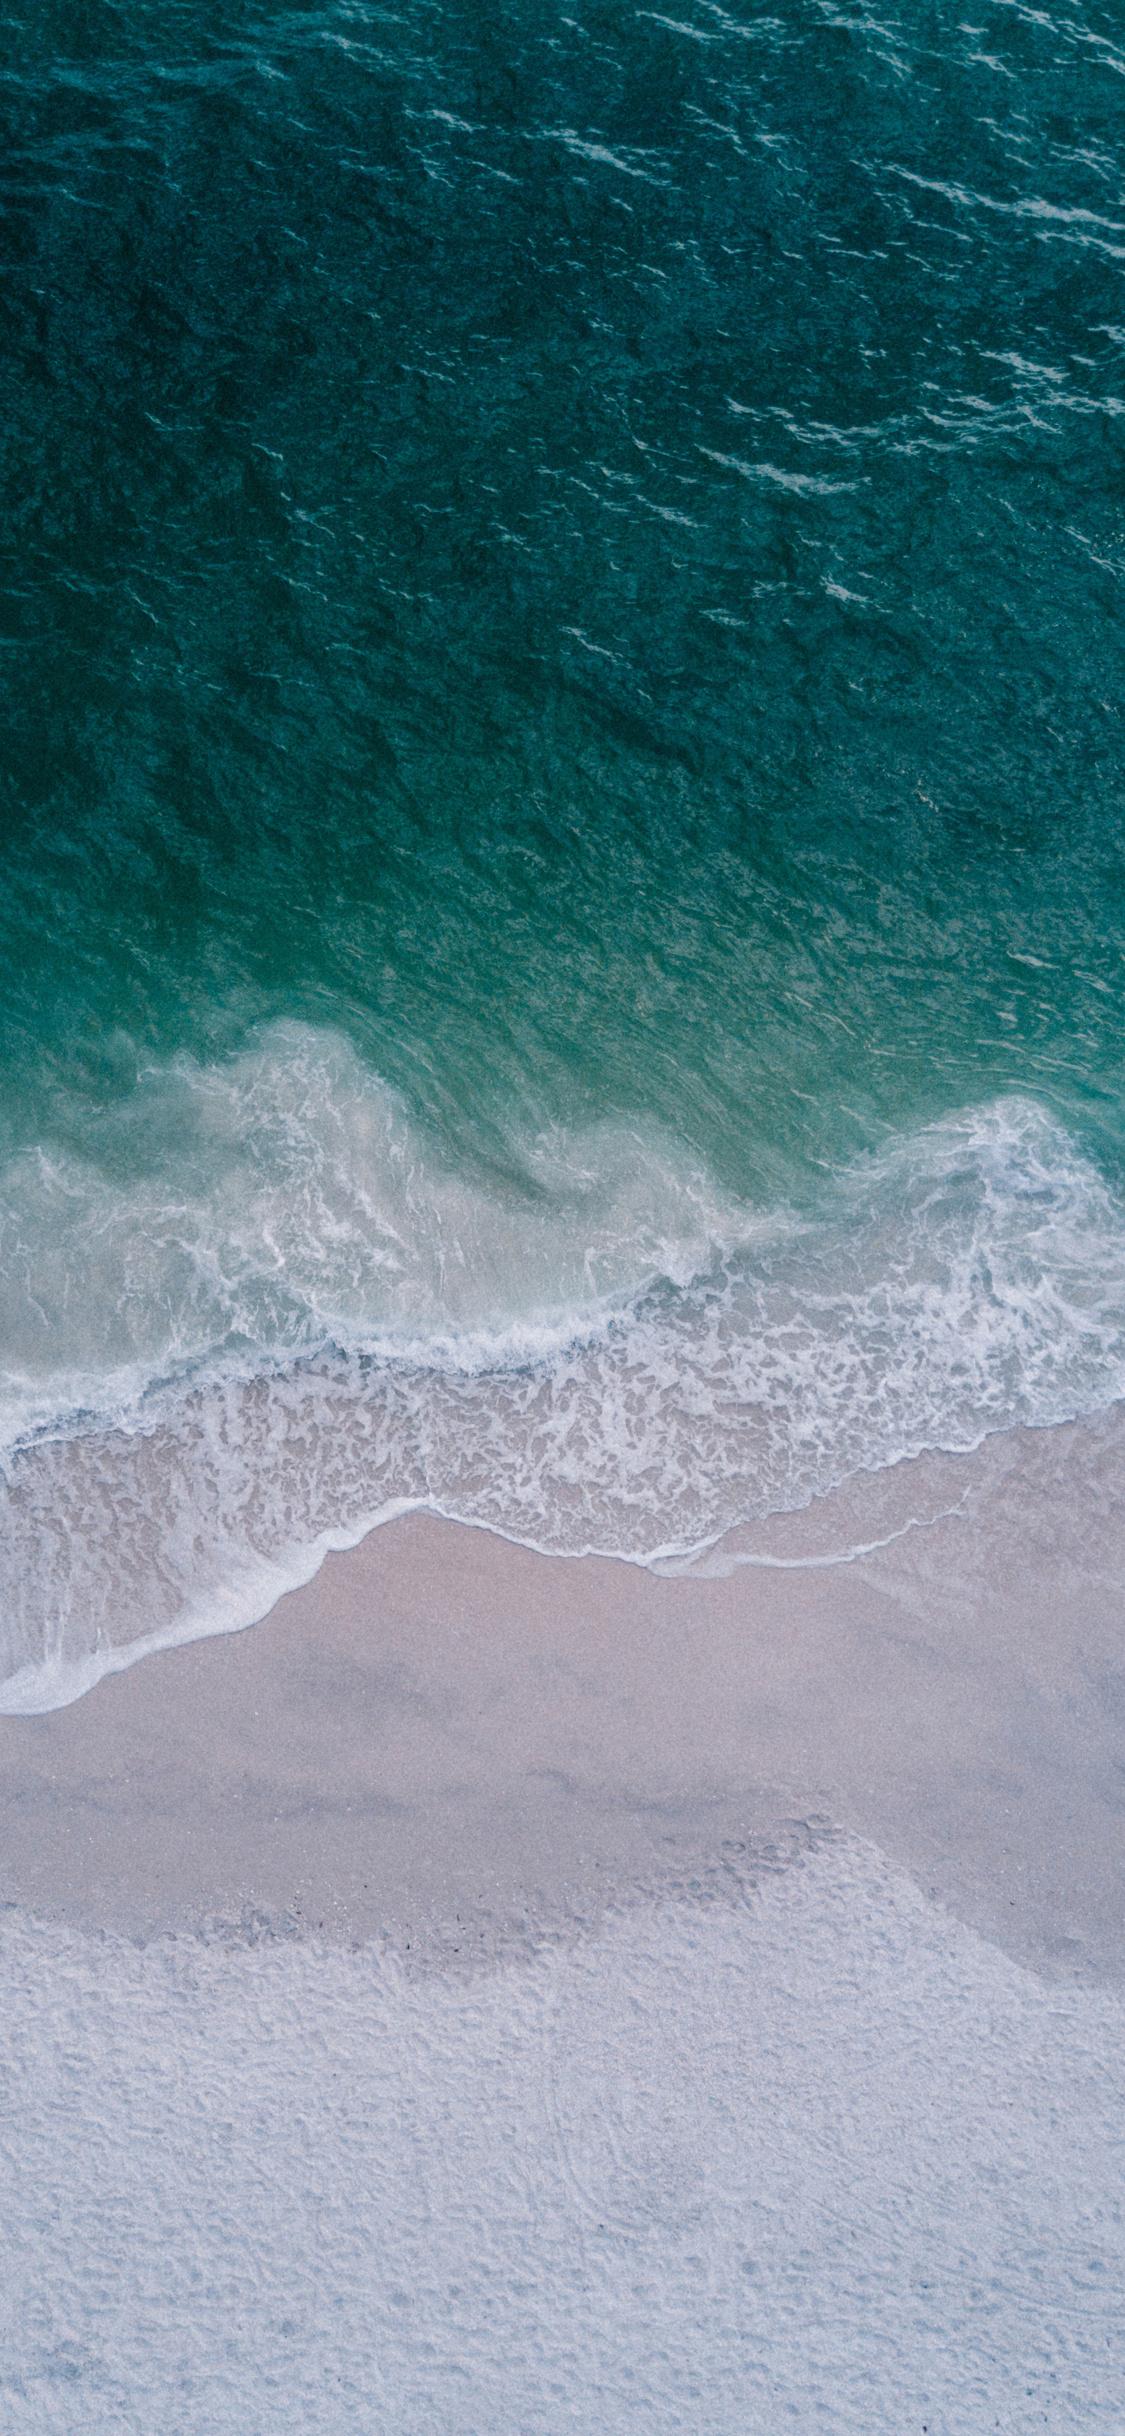 4k Wallpaper Iphone Beach Wallpaper 4k